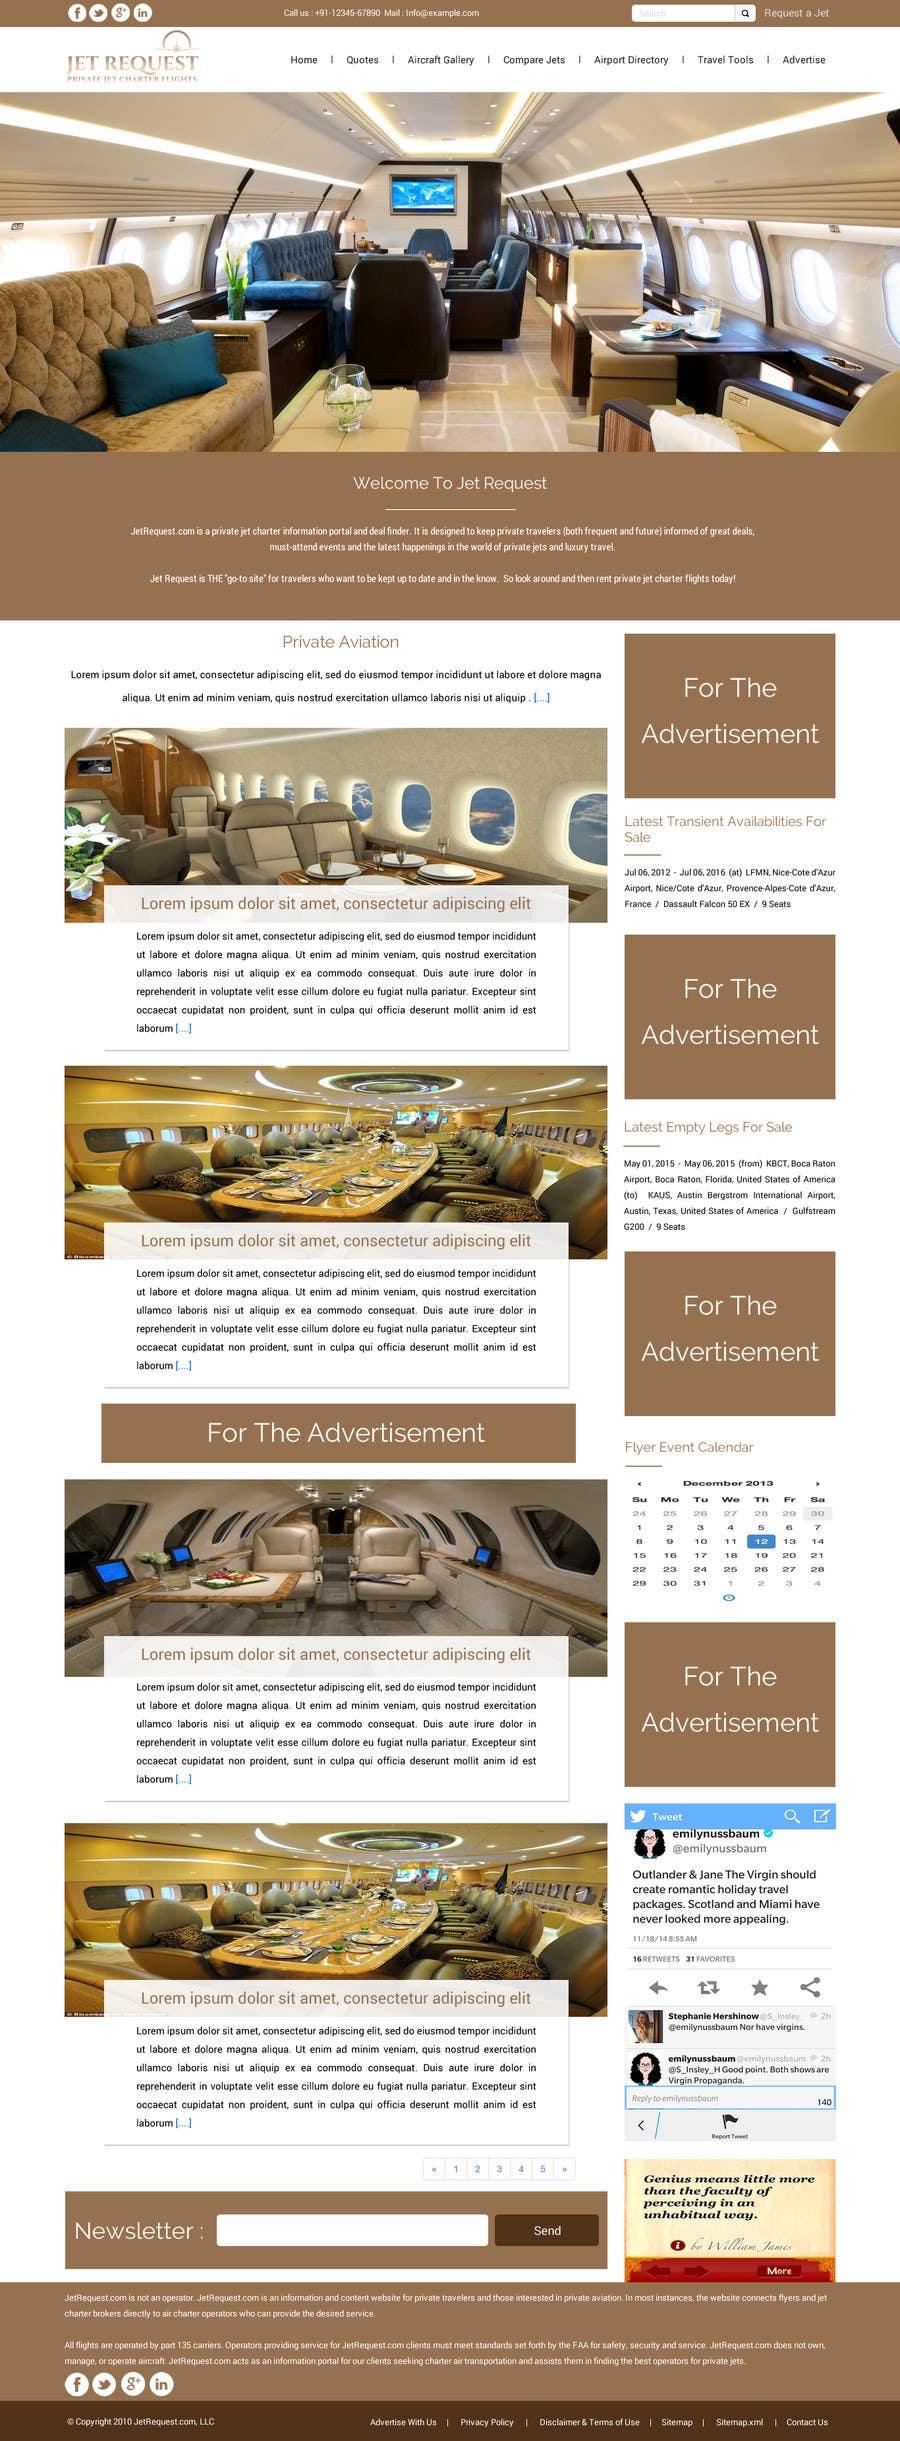 Konkurrenceindlæg #                                        25                                      for                                         Design a Website Mockup for Private Jet company